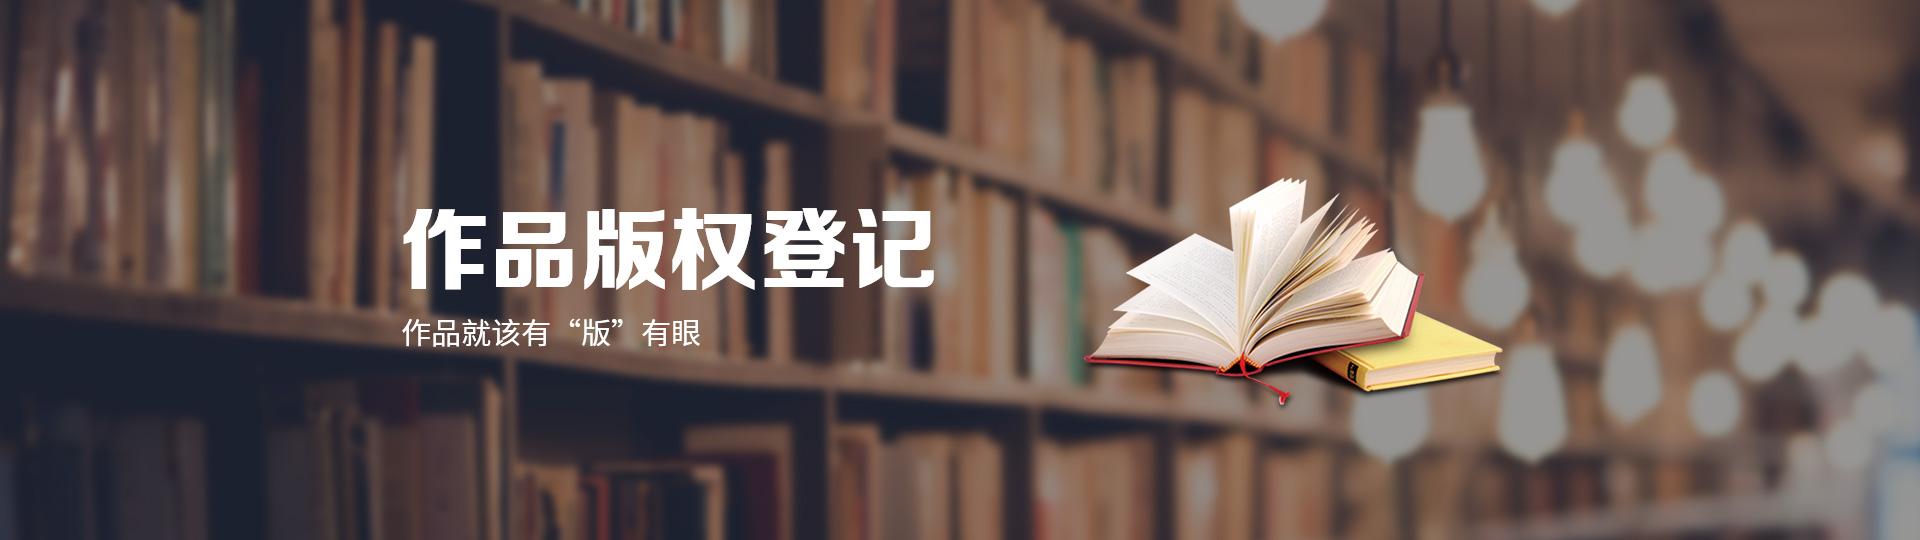 版權登記_軟件著作權_版權登記中心_一品標局